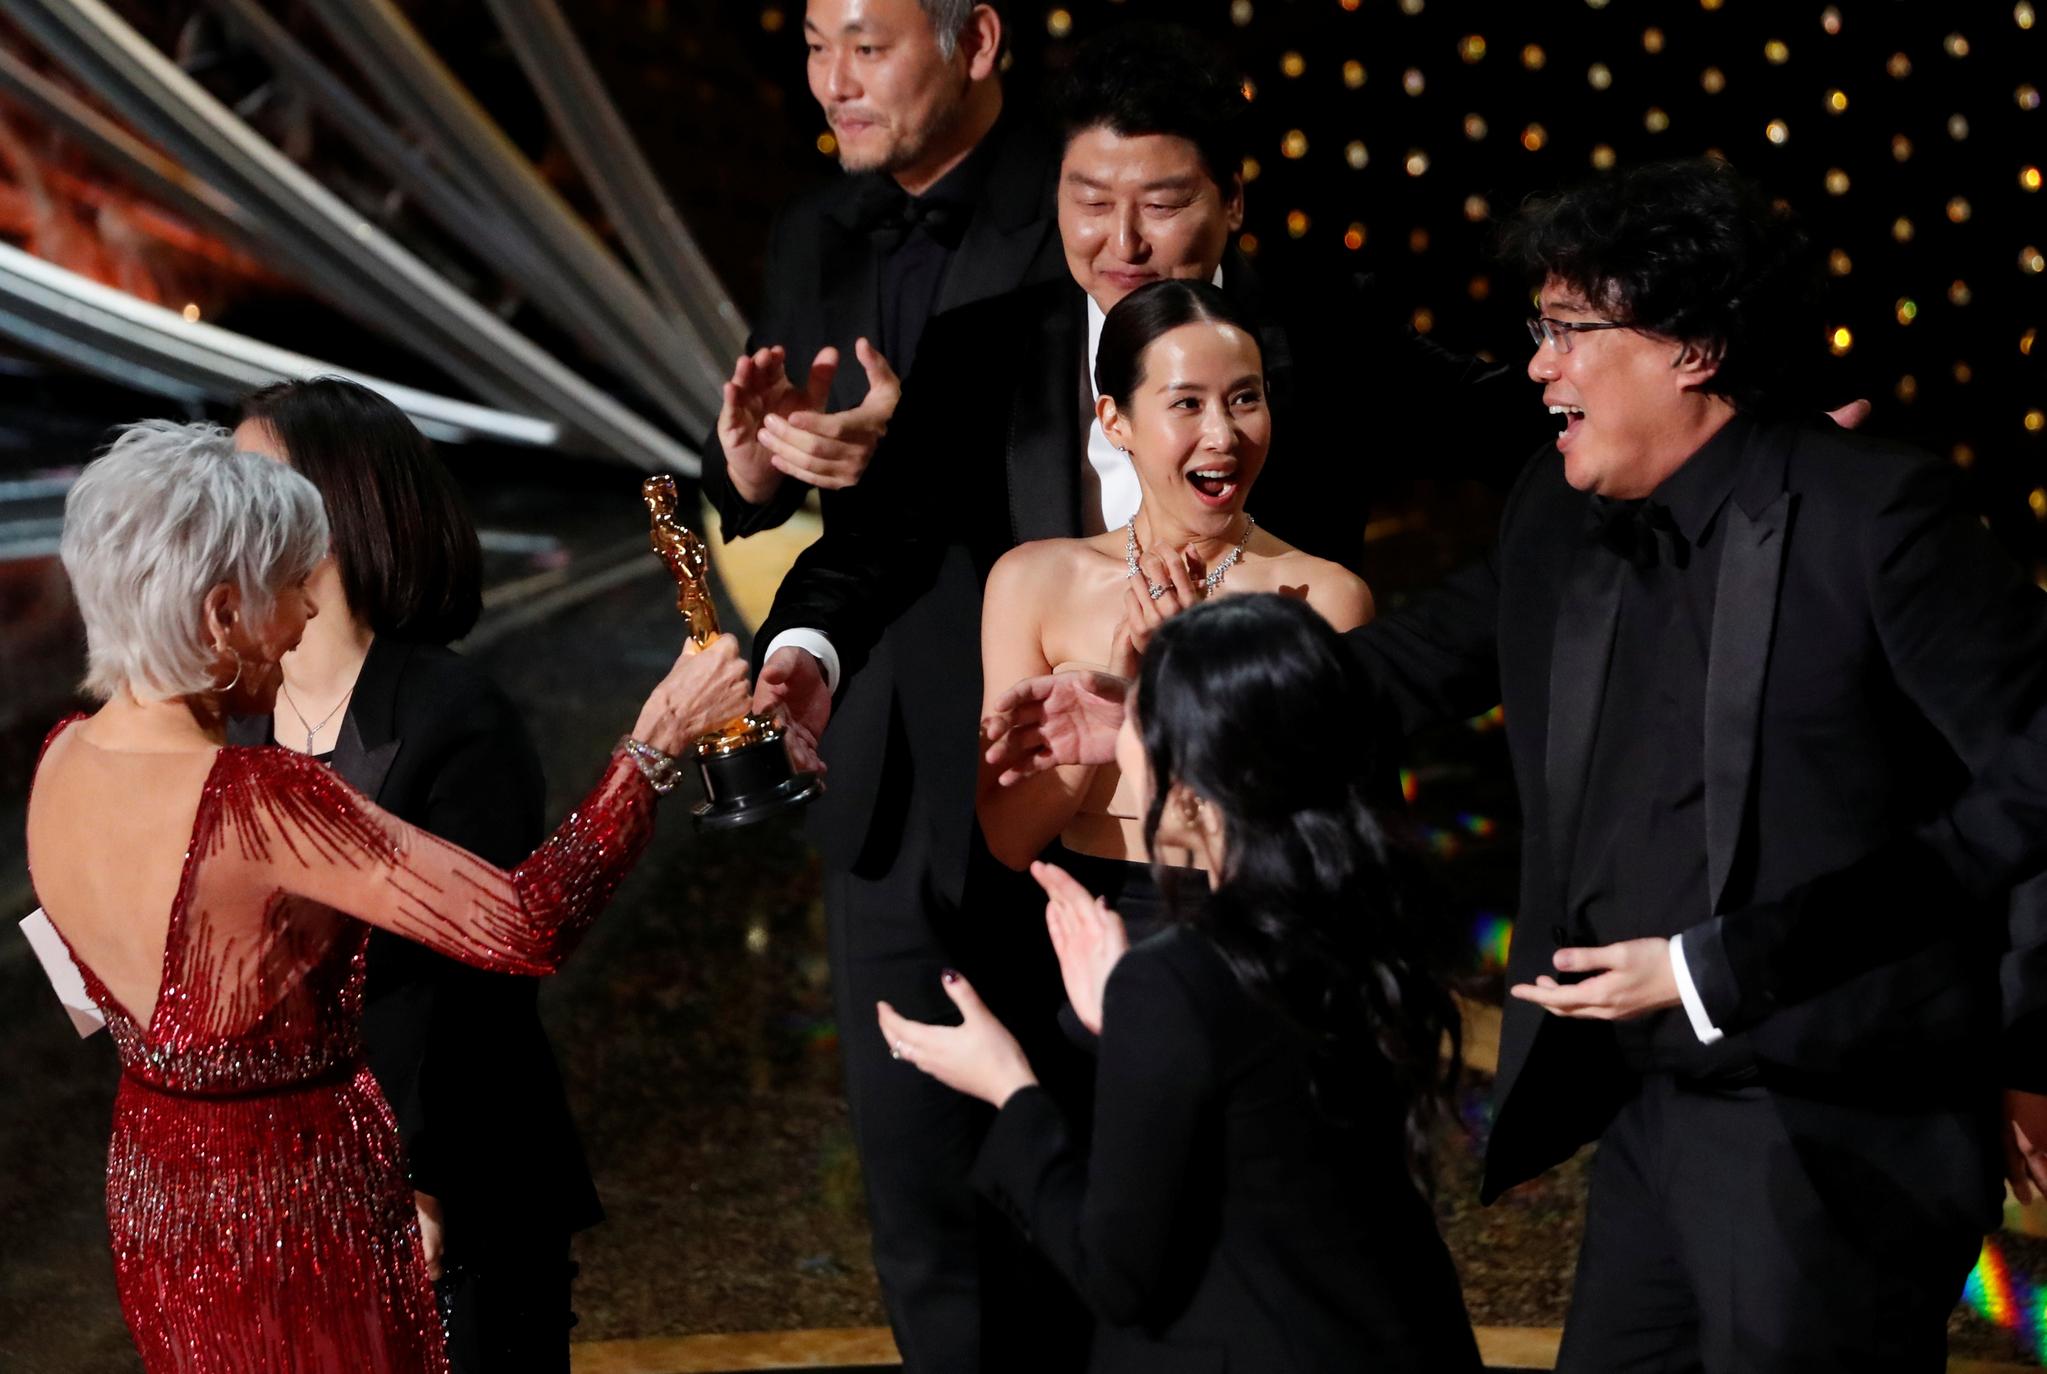 봉준호 감독이 9일(현지시간) 미국 로스앤젤레스 돌비 극장에서 열린 제92회 아카데미상 시상식에서 시상자인 배우 제인 폰다에게서 최고상인 작품상을 받고 기뻐하고 있다. [로이터=연합뉴스]